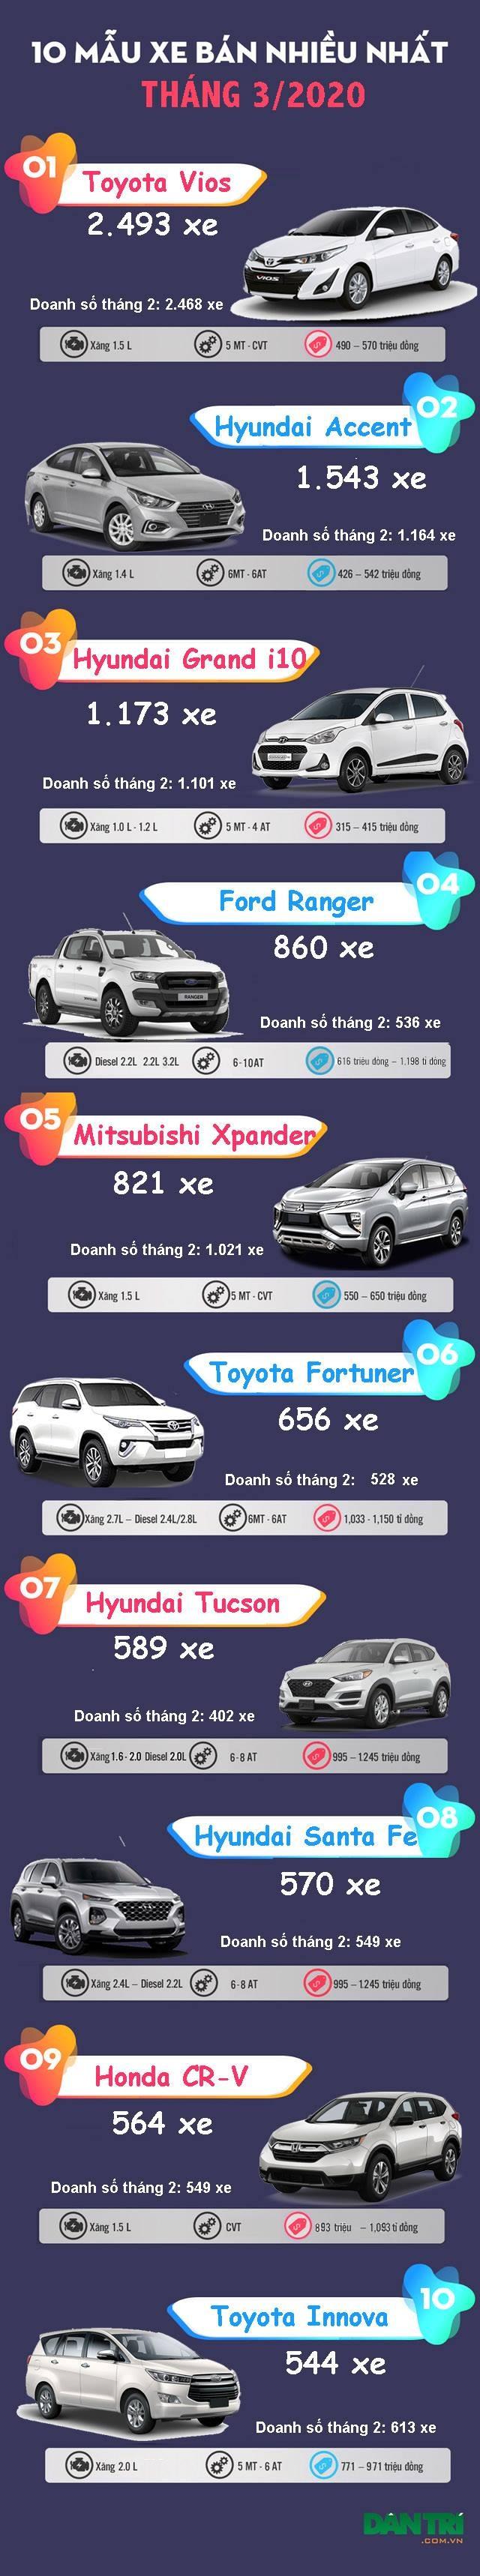 Top 10 mẫu xe bán nhiều nhất tháng 3/2020: Toyota Vios vẫn dẫn đầu - 2